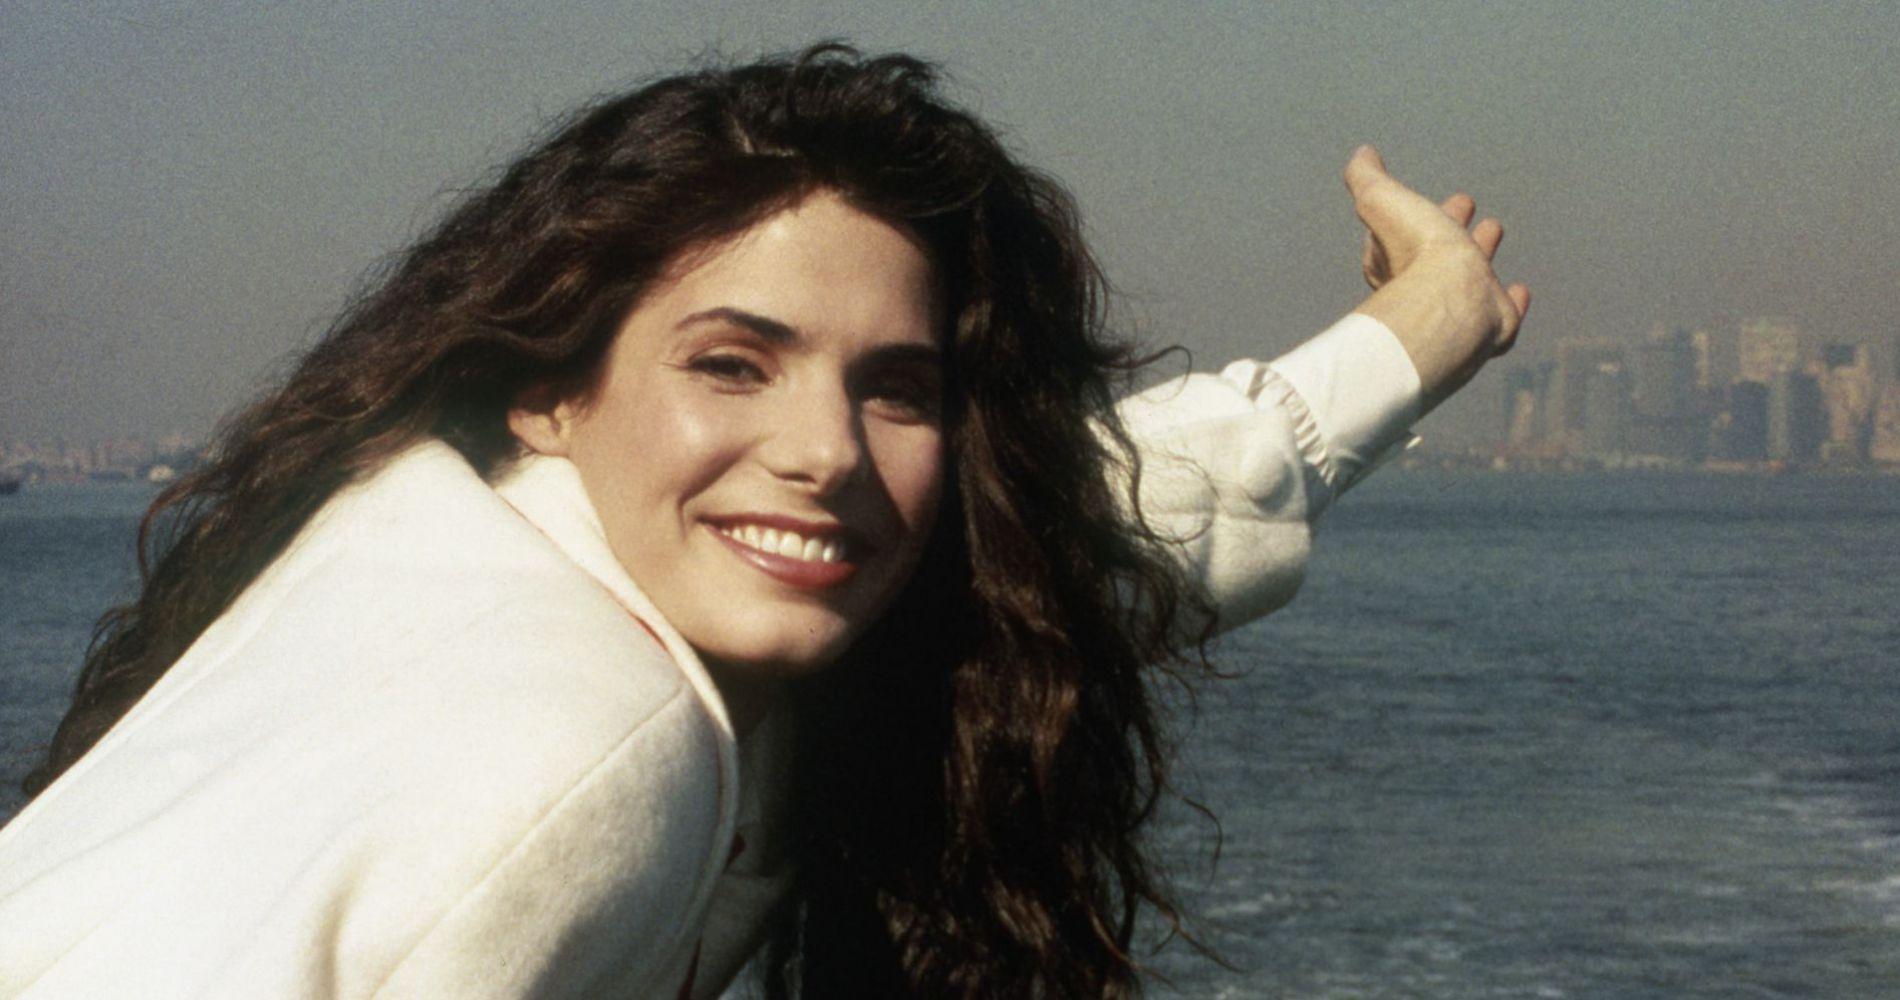 Sandra Bullock : de girl next door à plus belle femme du monde, la métamorphose